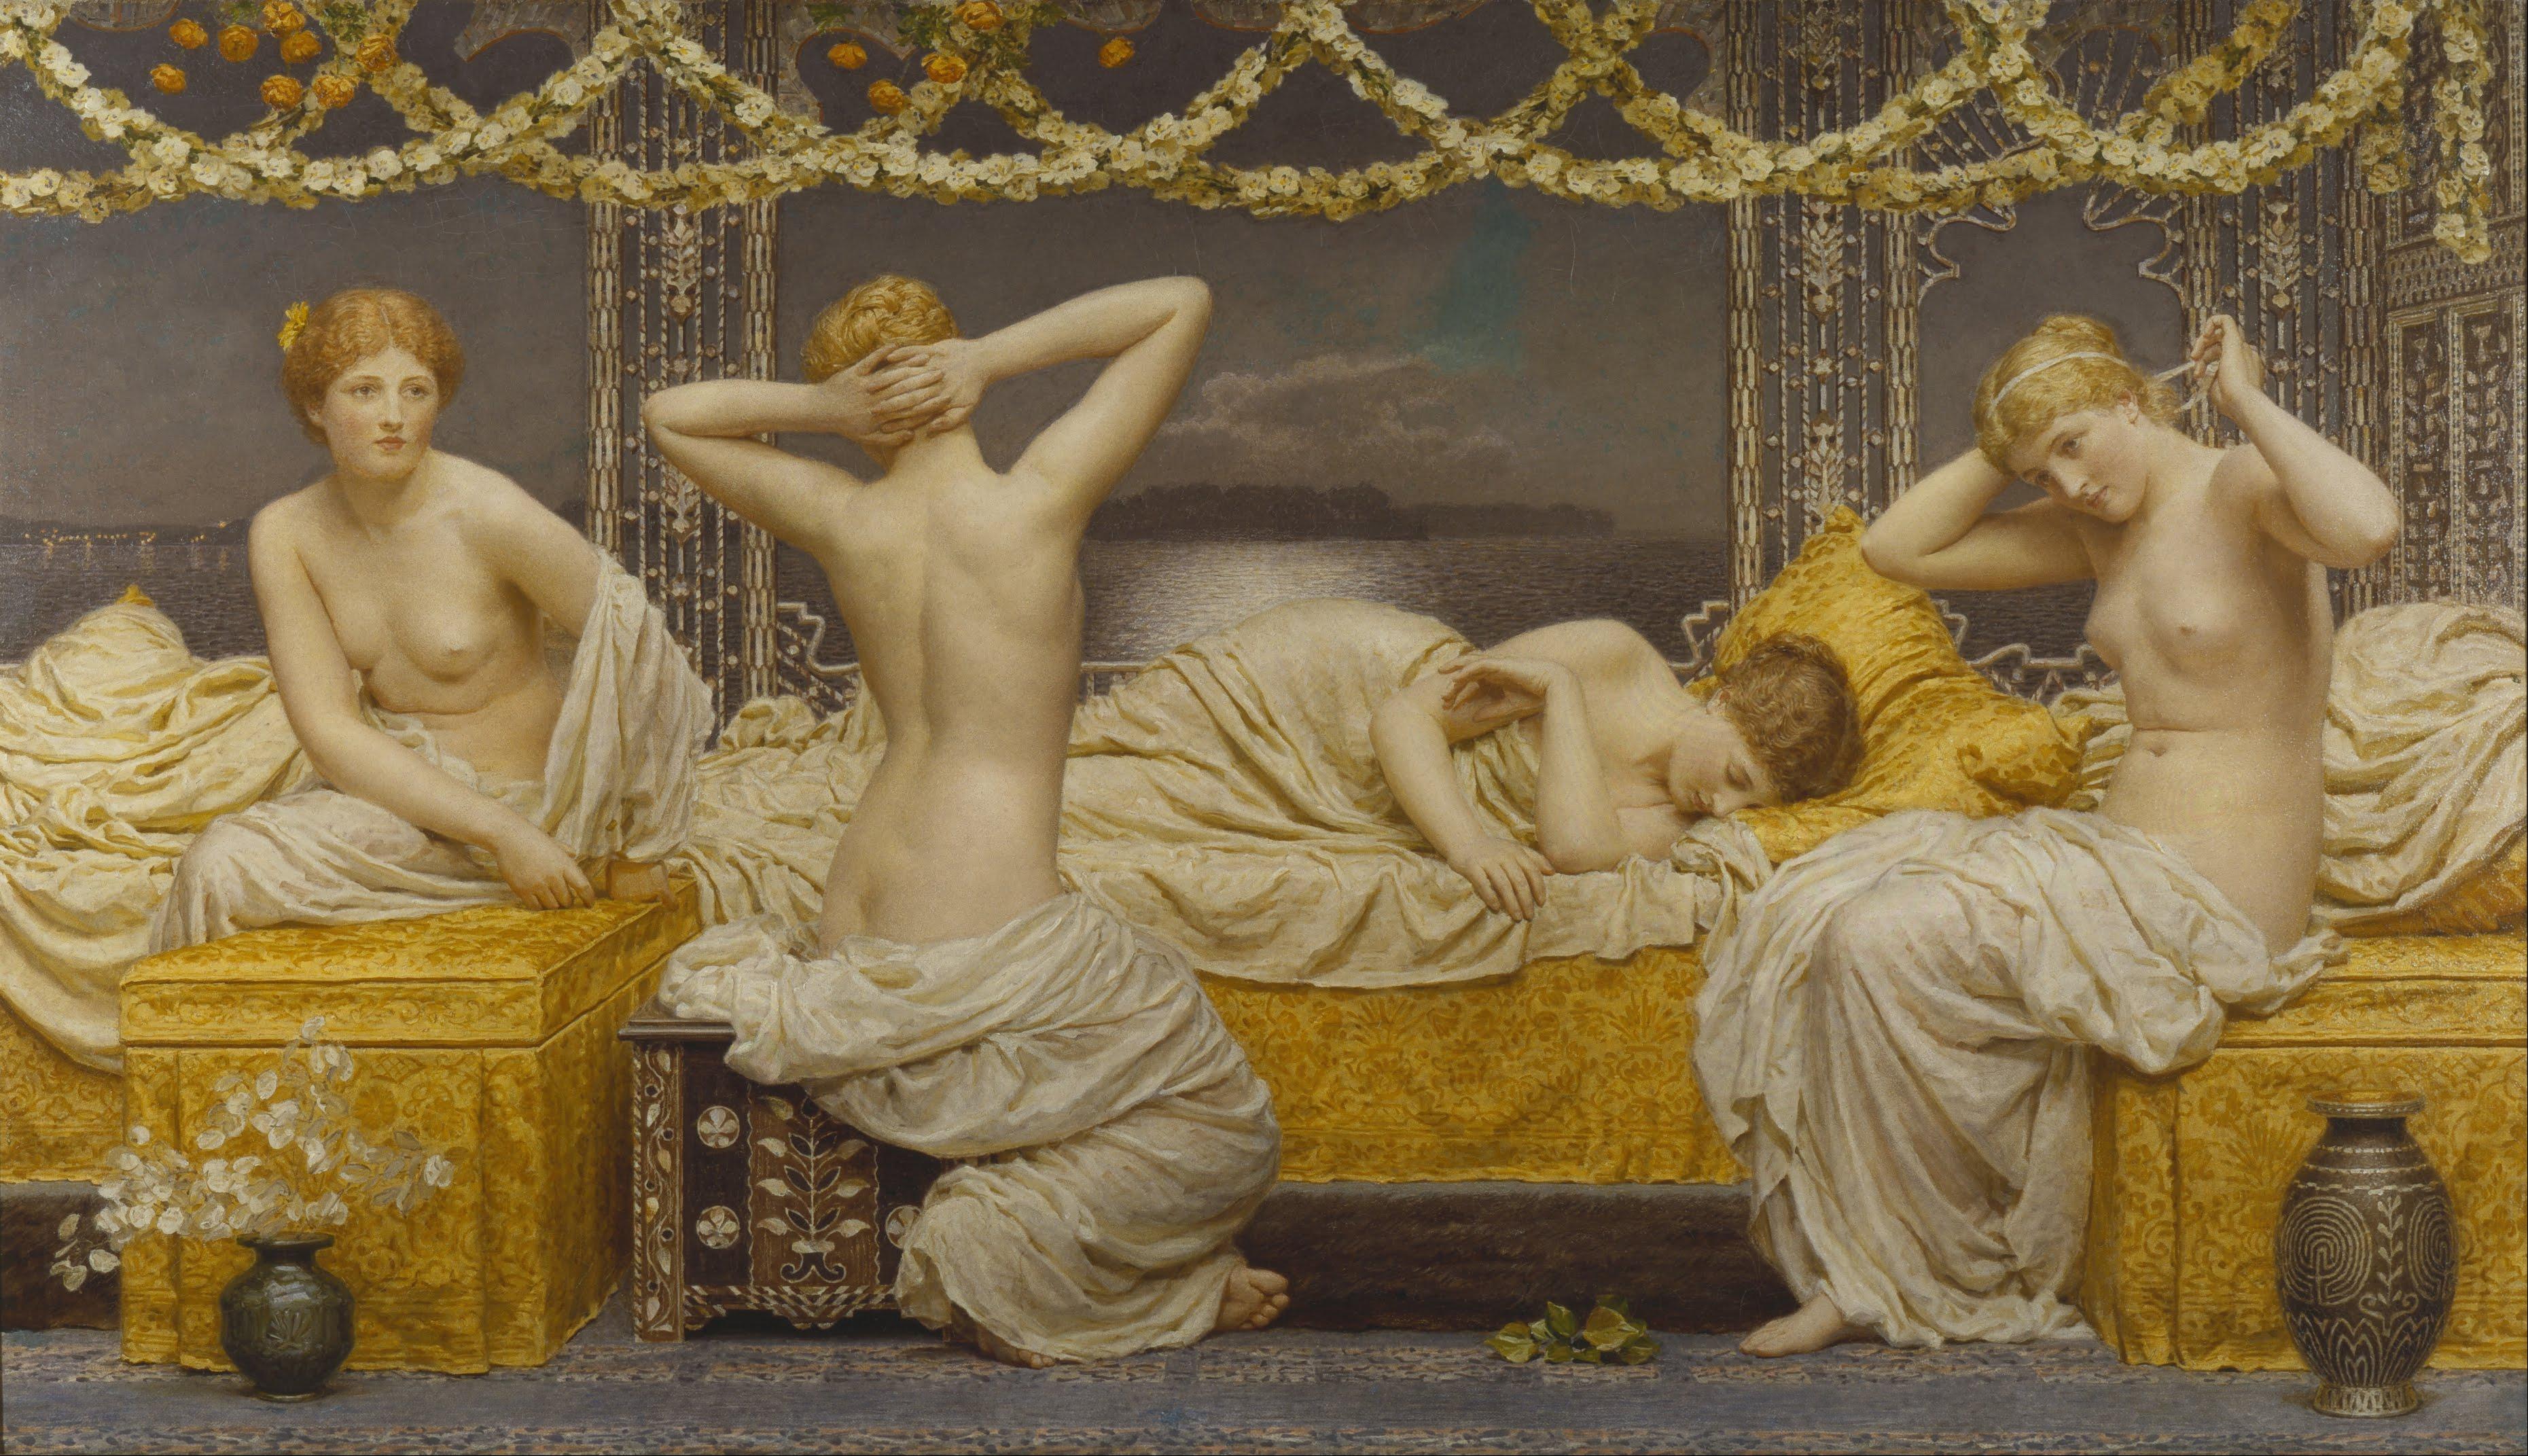 Albert Joseph Moore, 1841-1893. Летняя ночь. ок.1877. 132 х 228.5 см. Ливерпуль, Художественная галерея Уолкера